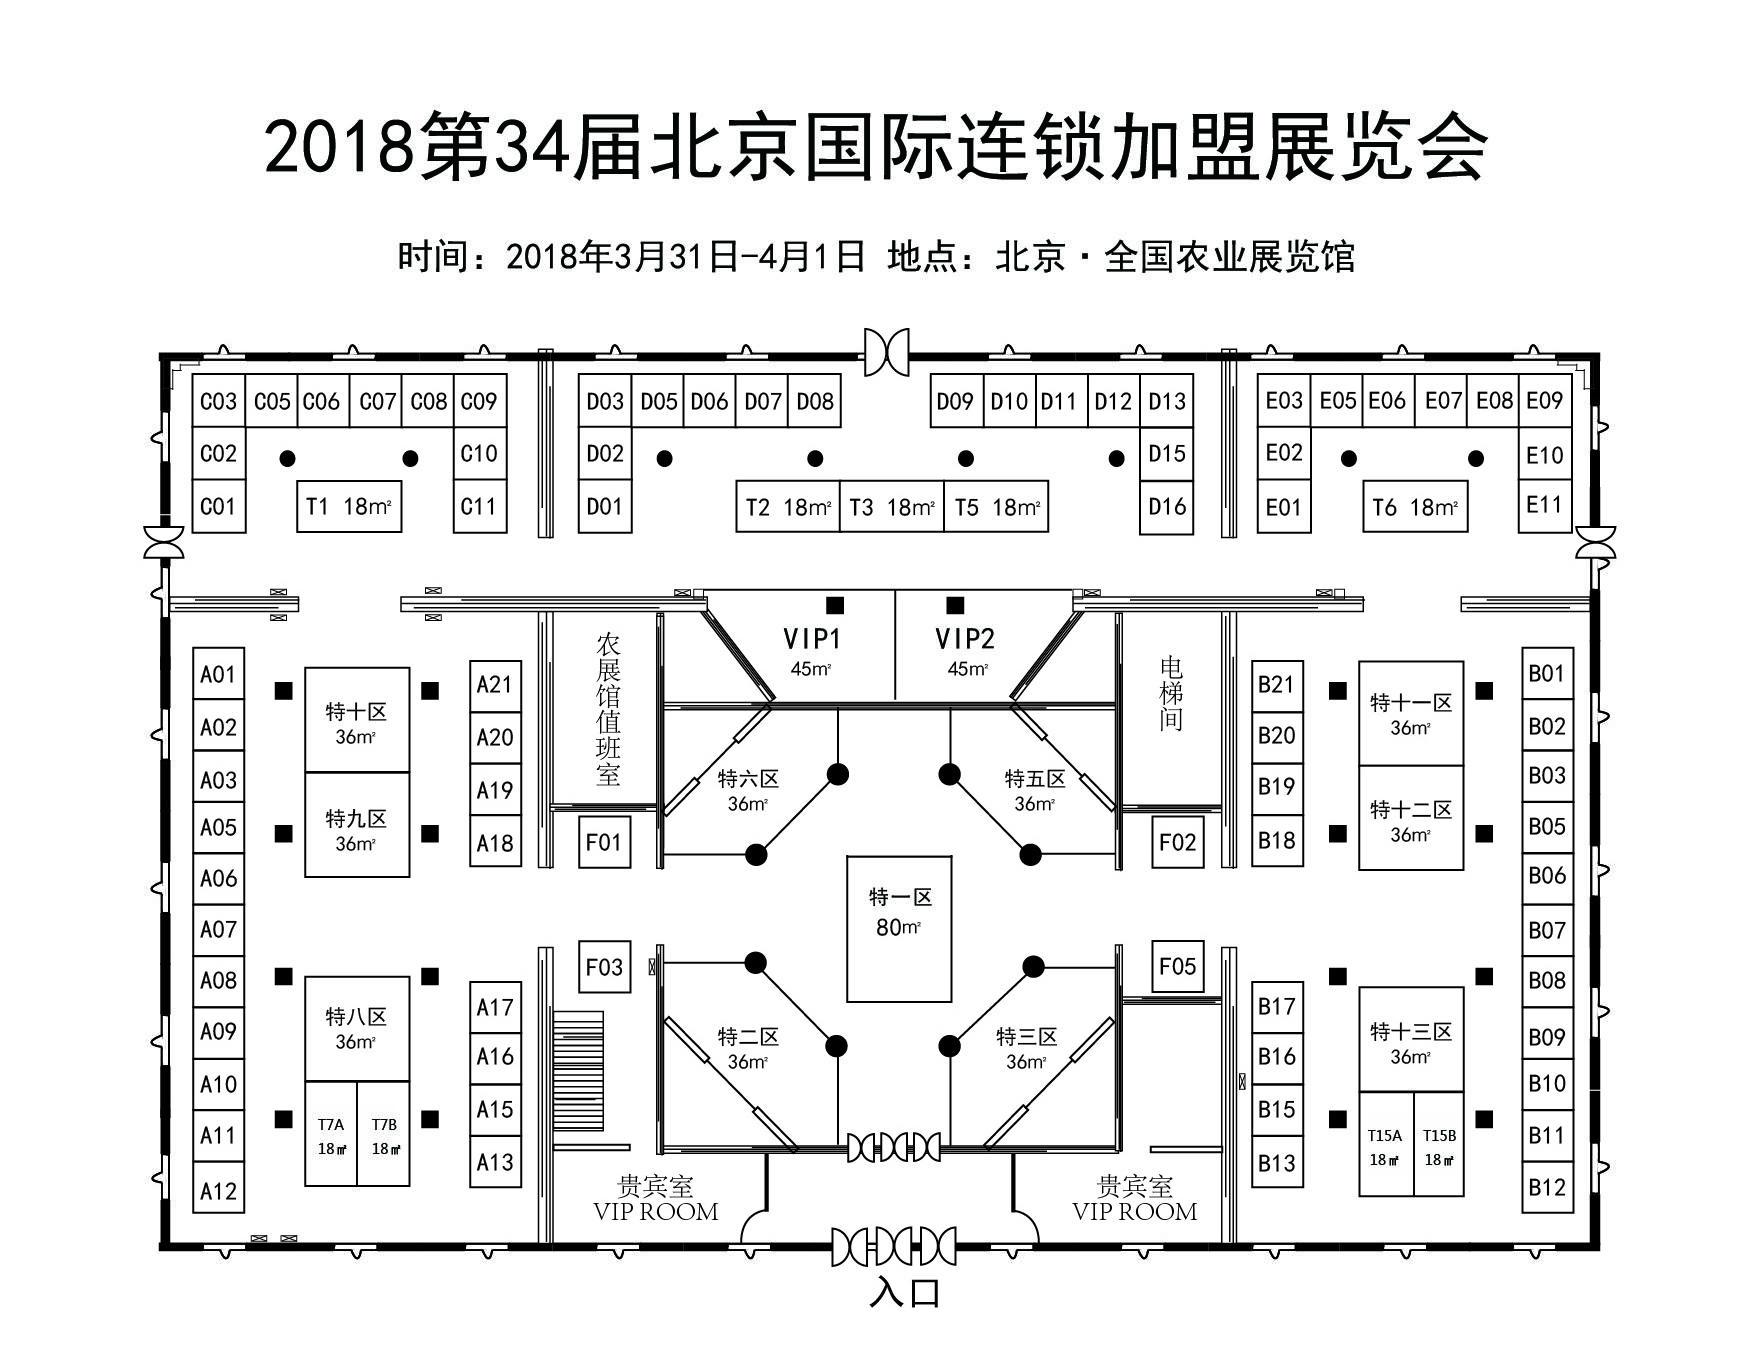 2018年连锁加盟展-1号馆.jpg